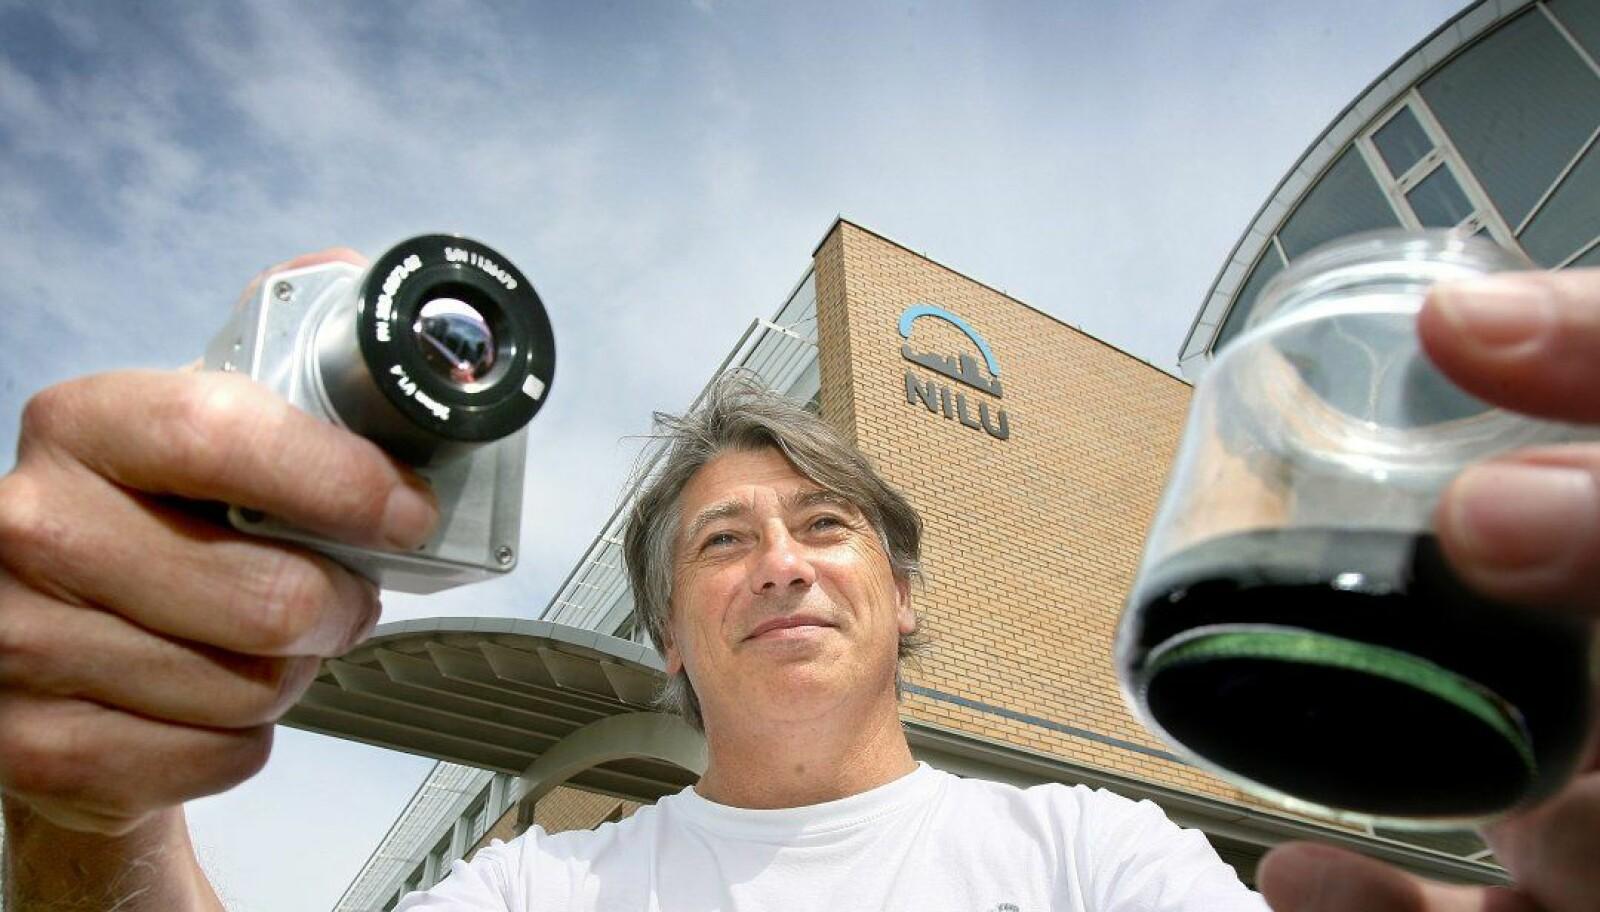 Fred Prata viser fram kamera og askepartikler i tiden etter at Nicarnica var etablert og øynet store muligheter. Da hadde han fortsatt troen på suksess.